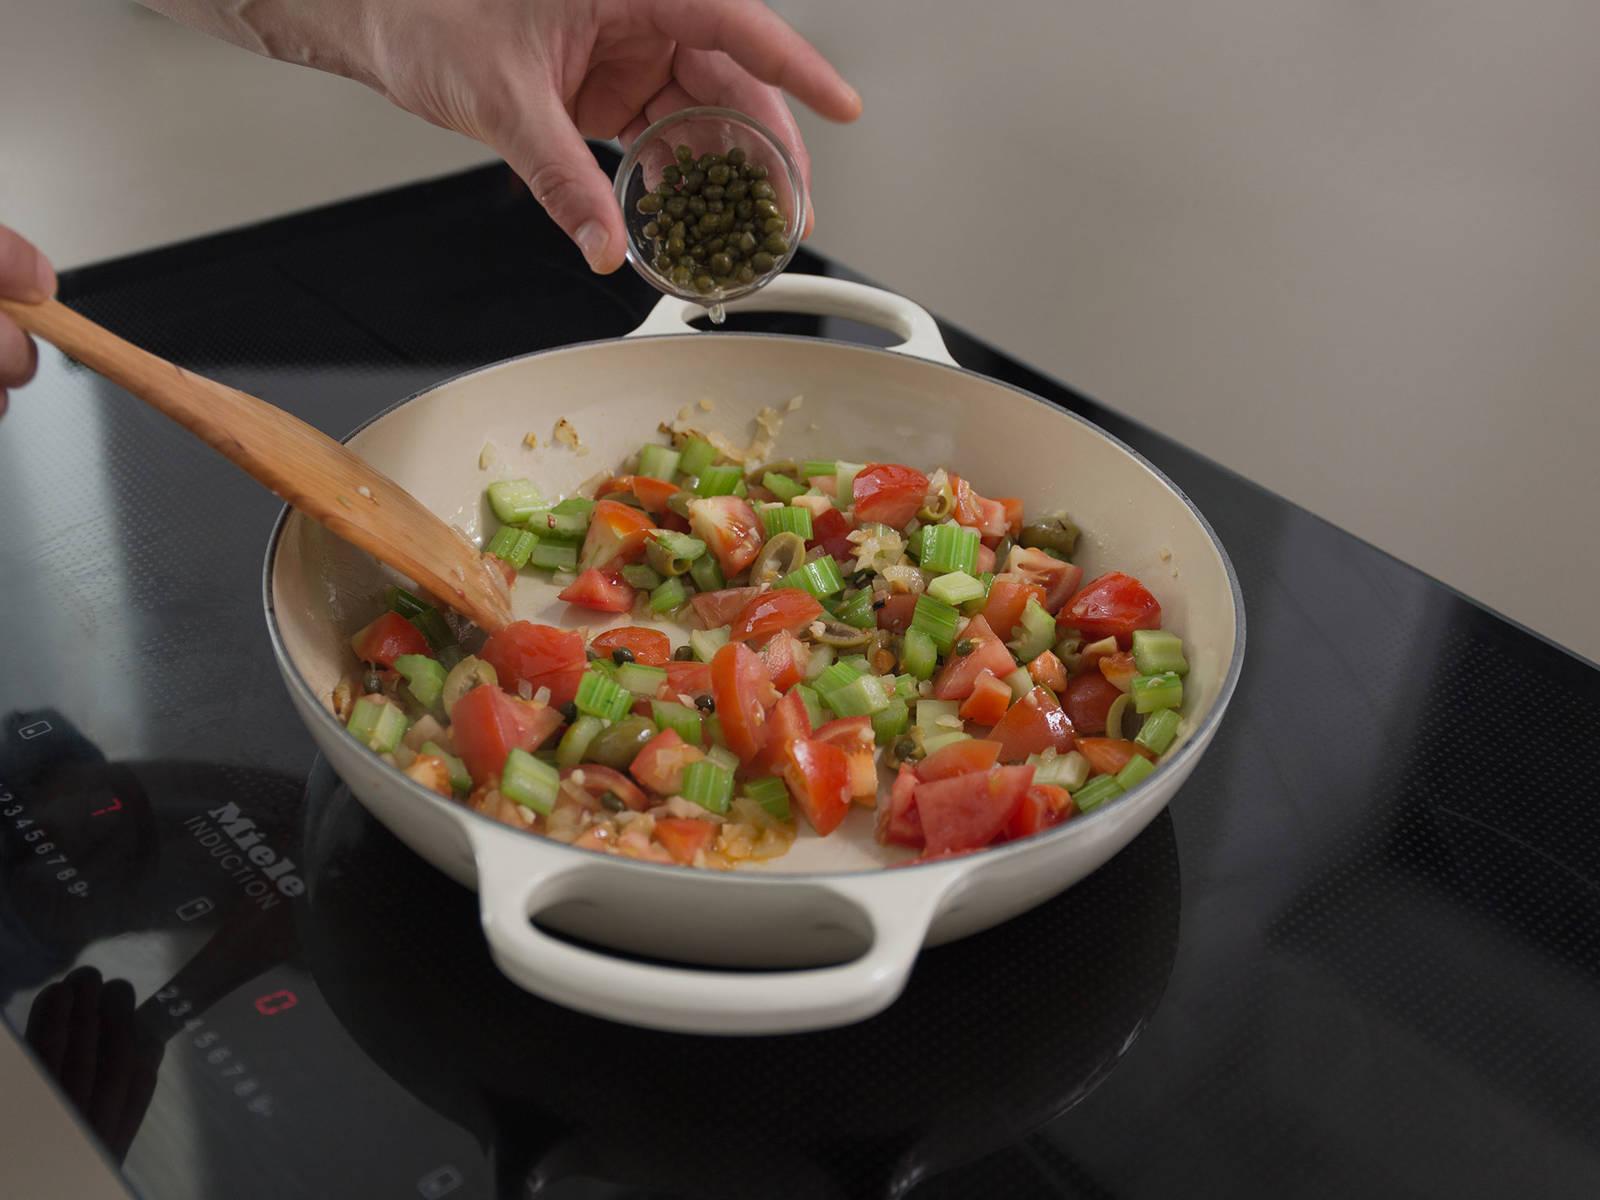 Die Hälfte des Olivenöls in einer Pfanne bei mittlerer bis hoher Hitze erwärmen. Zwiebeln und Knoblauch darin ca. 1 Min. anschwitzen. Sellerie und Zucker dazugeben und ca. 2 Min. anbraten. Tomaten, Oliven und Kapern in die Pfanne geben und auf niedriger Hitze mit Deckel ca. 15 Min. köcheln lassen.